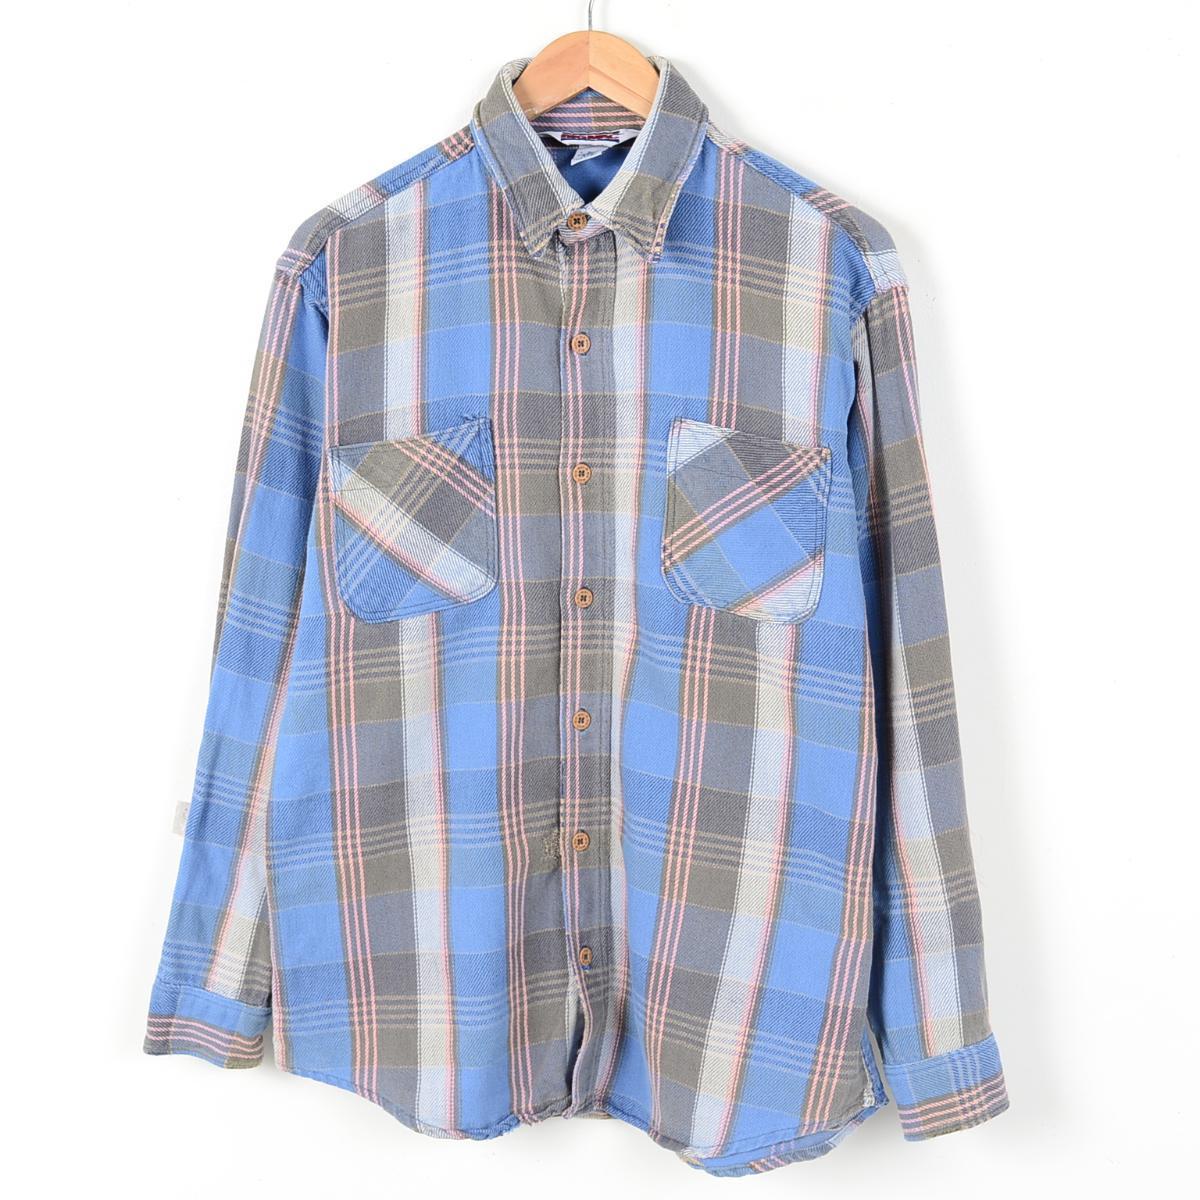 80年代 ビッグマック USA製 長袖ヘビーネルシャツ メンズM ヴィンテージ BIG MAC /wej7162 【古着屋JAM】【中古】【あす楽対応】 150925